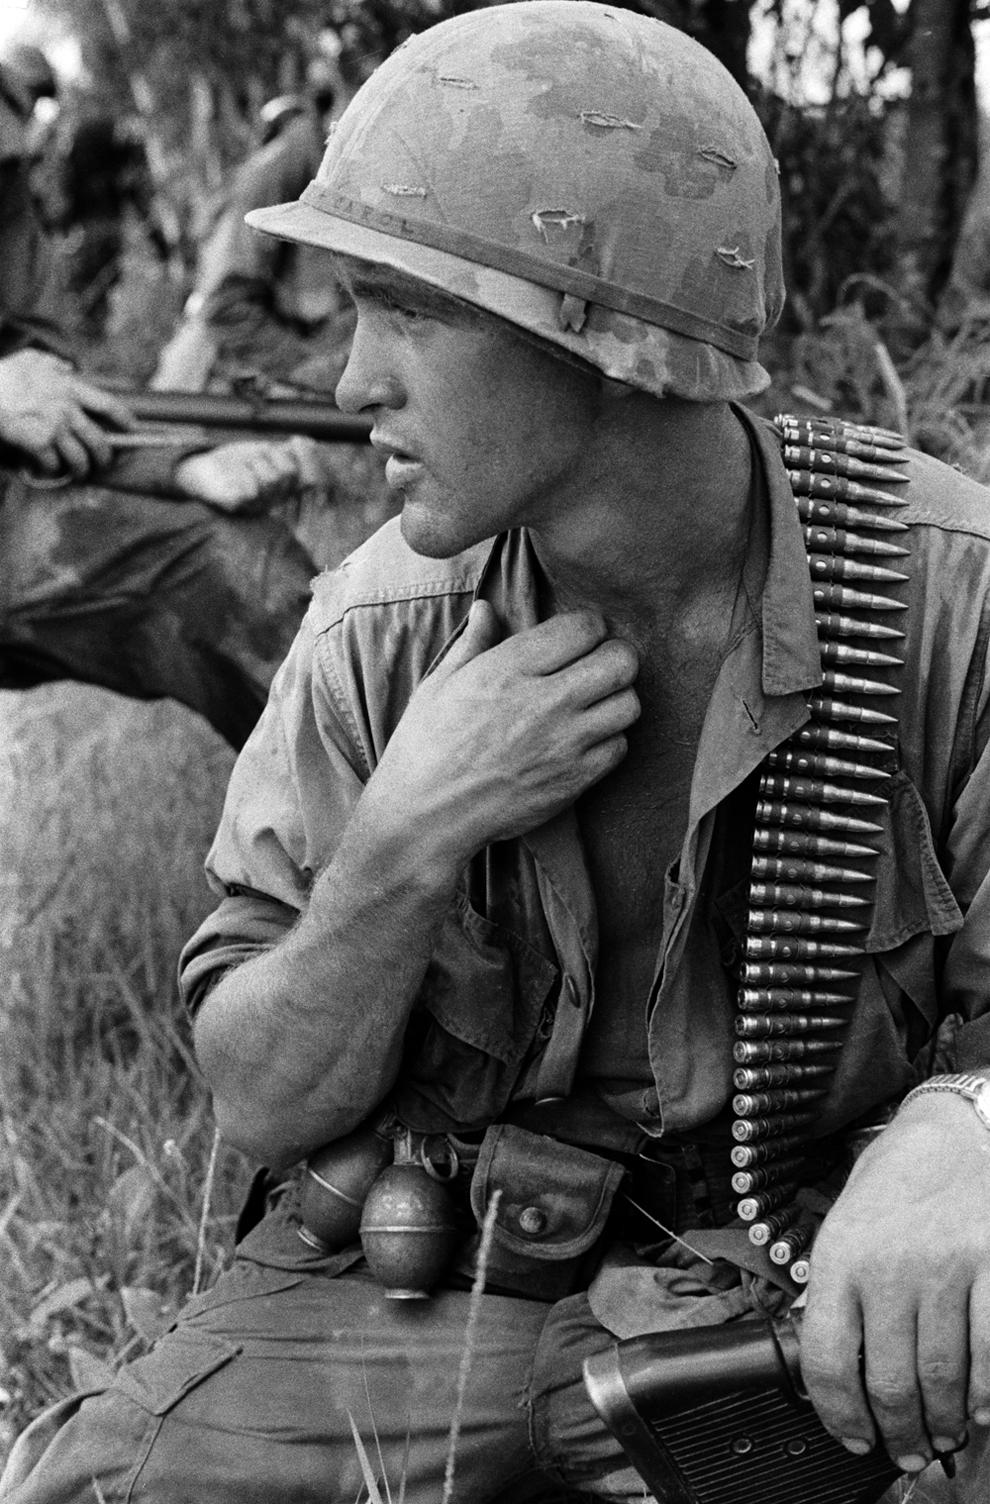 bp15 - Hình ảnh hiếm gây chấn động về cuộc chiến ở Việt Nam